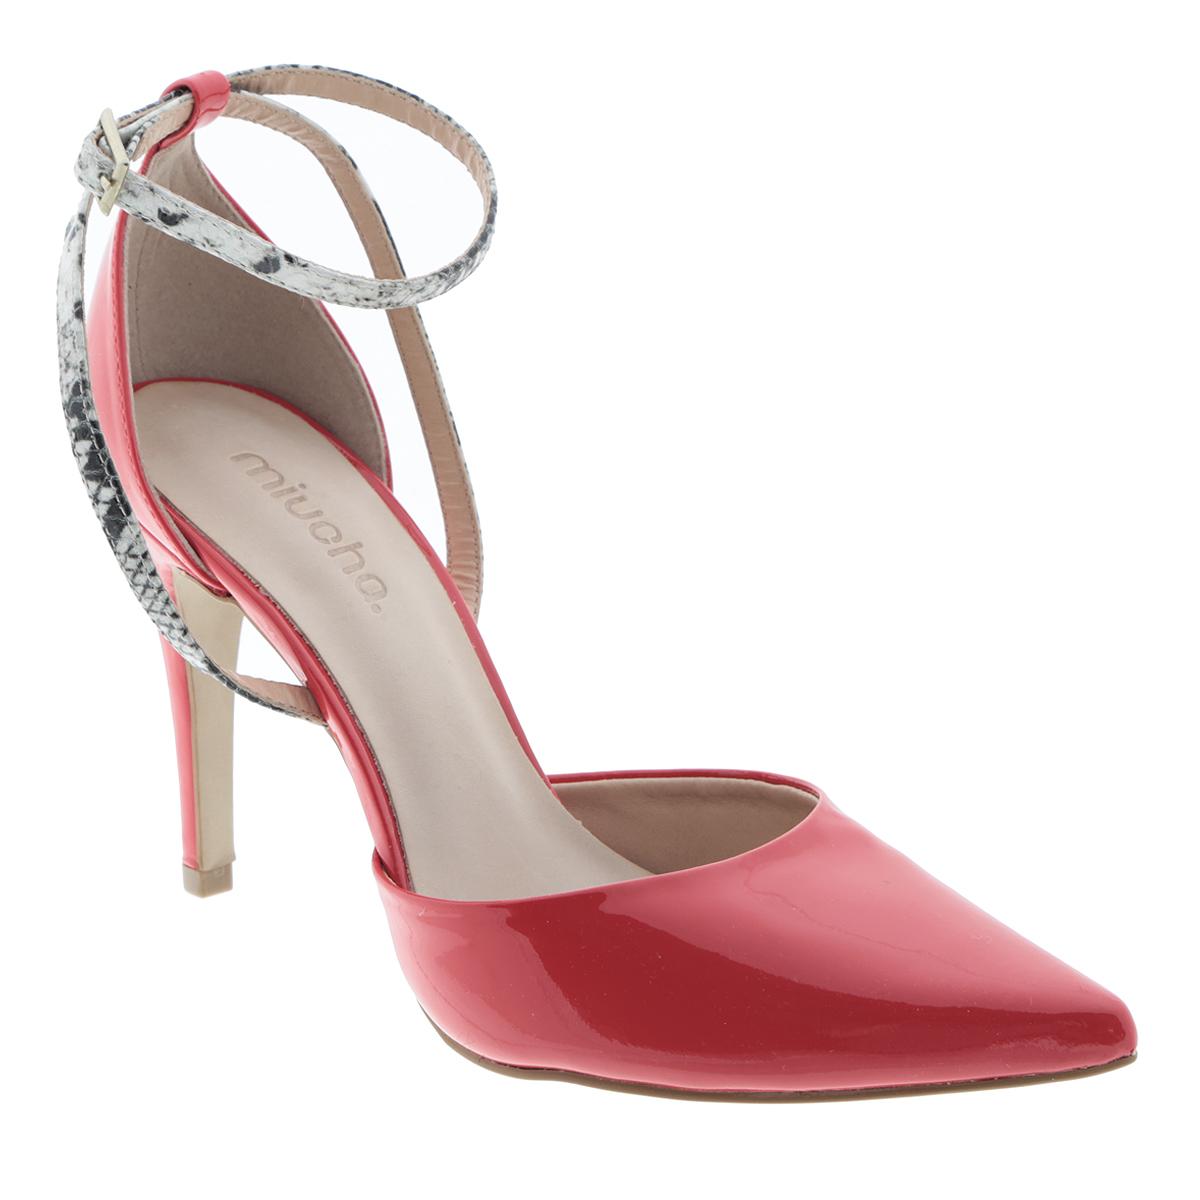 Туфли женские. 161-1629161-1629Элегантные туфли от Miucha внесут изысканные нотки в ваш модный образ. Модель выполнена из натуральной лакированной кожи. Ремешки, пропущенные через шлевку на заднике, оформлены принтом под змеиную кожу. Заостренный вытянутый носок смотрится невероятно женственно. Ремешок с прямоугольной металлической пряжкой отвечает за надежную фиксацию модели на ноге. Длина ремешка регулируется за счет болта. Мягкая стелька из натуральной кожи гарантирует комфорт при ходьбе. Высокий каблук и подошва с рифлением обеспечивают идеальное сцепление с любыми поверхностями. Роскошные туфли подчеркнут ваш отменный вкус!